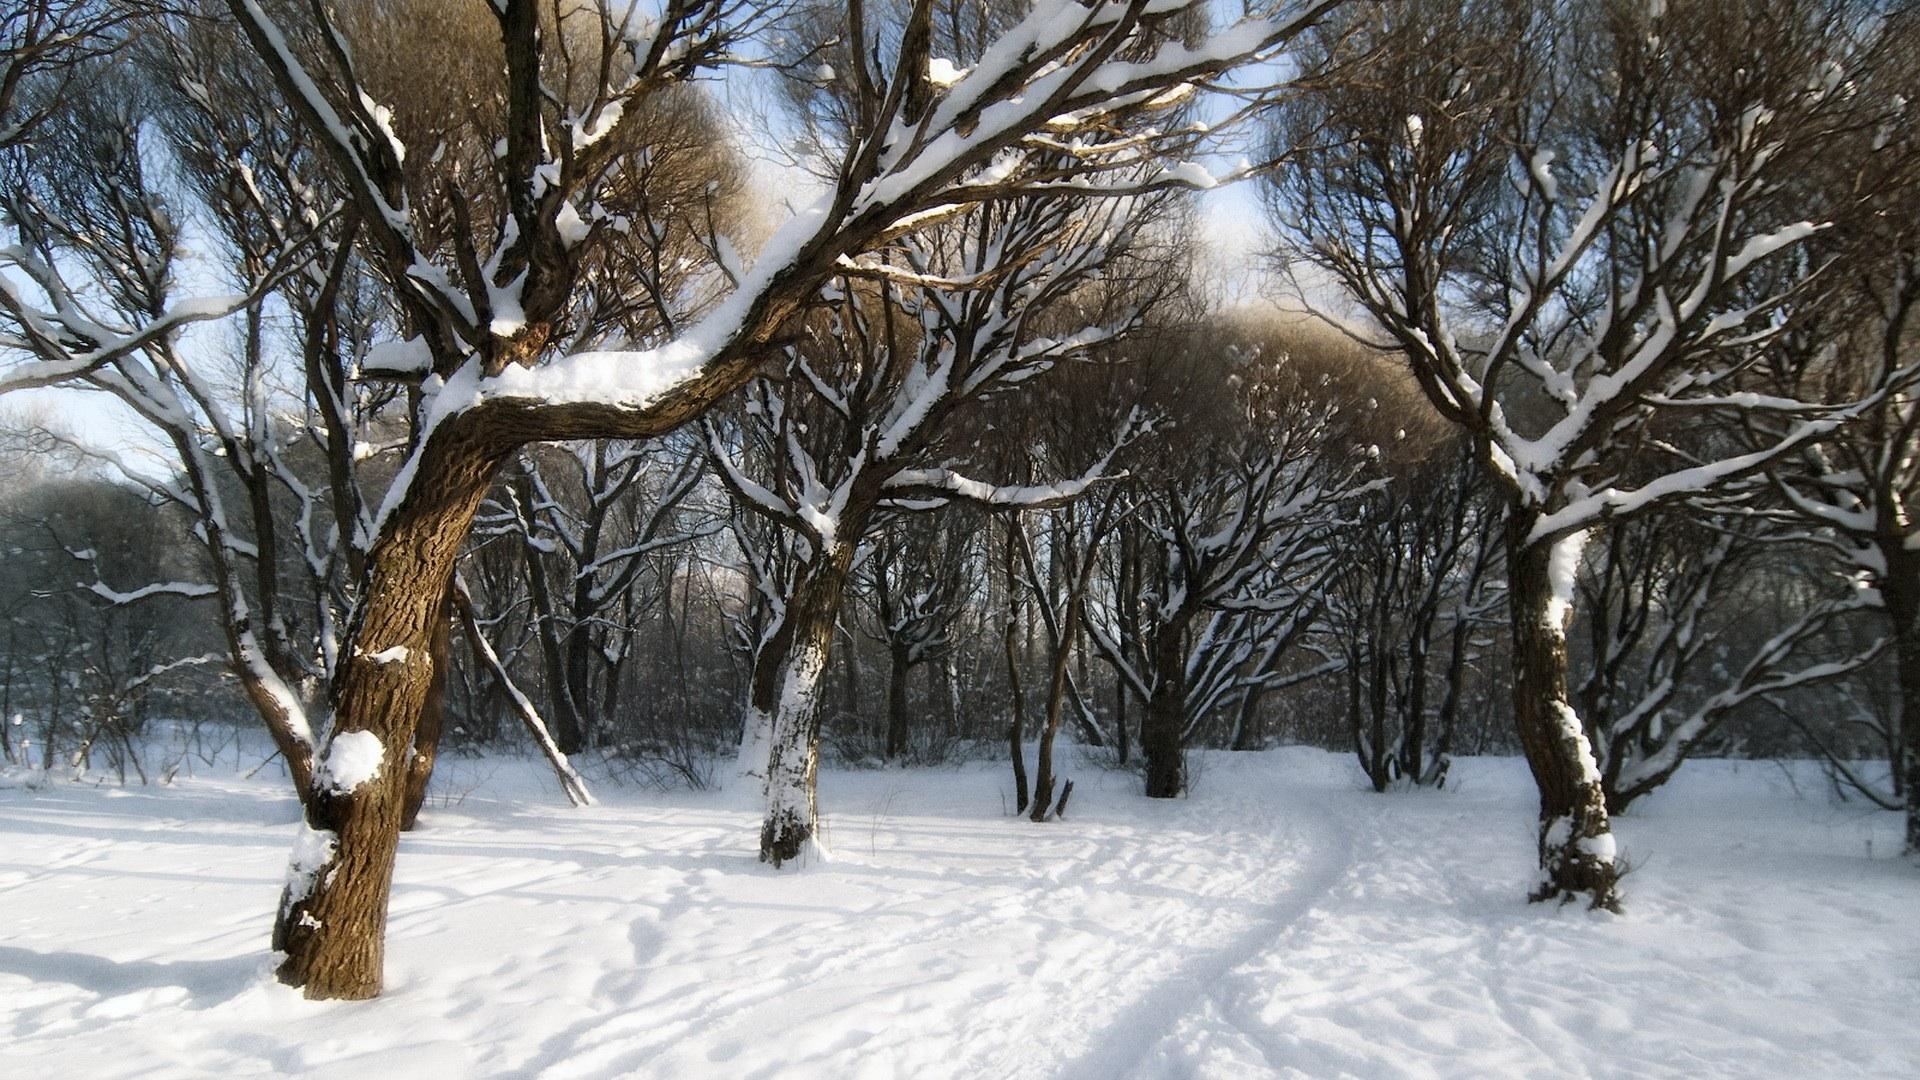 Snow forest wallpaper desktop wallpapersafari for Sfondi paesaggi invernali per desktop